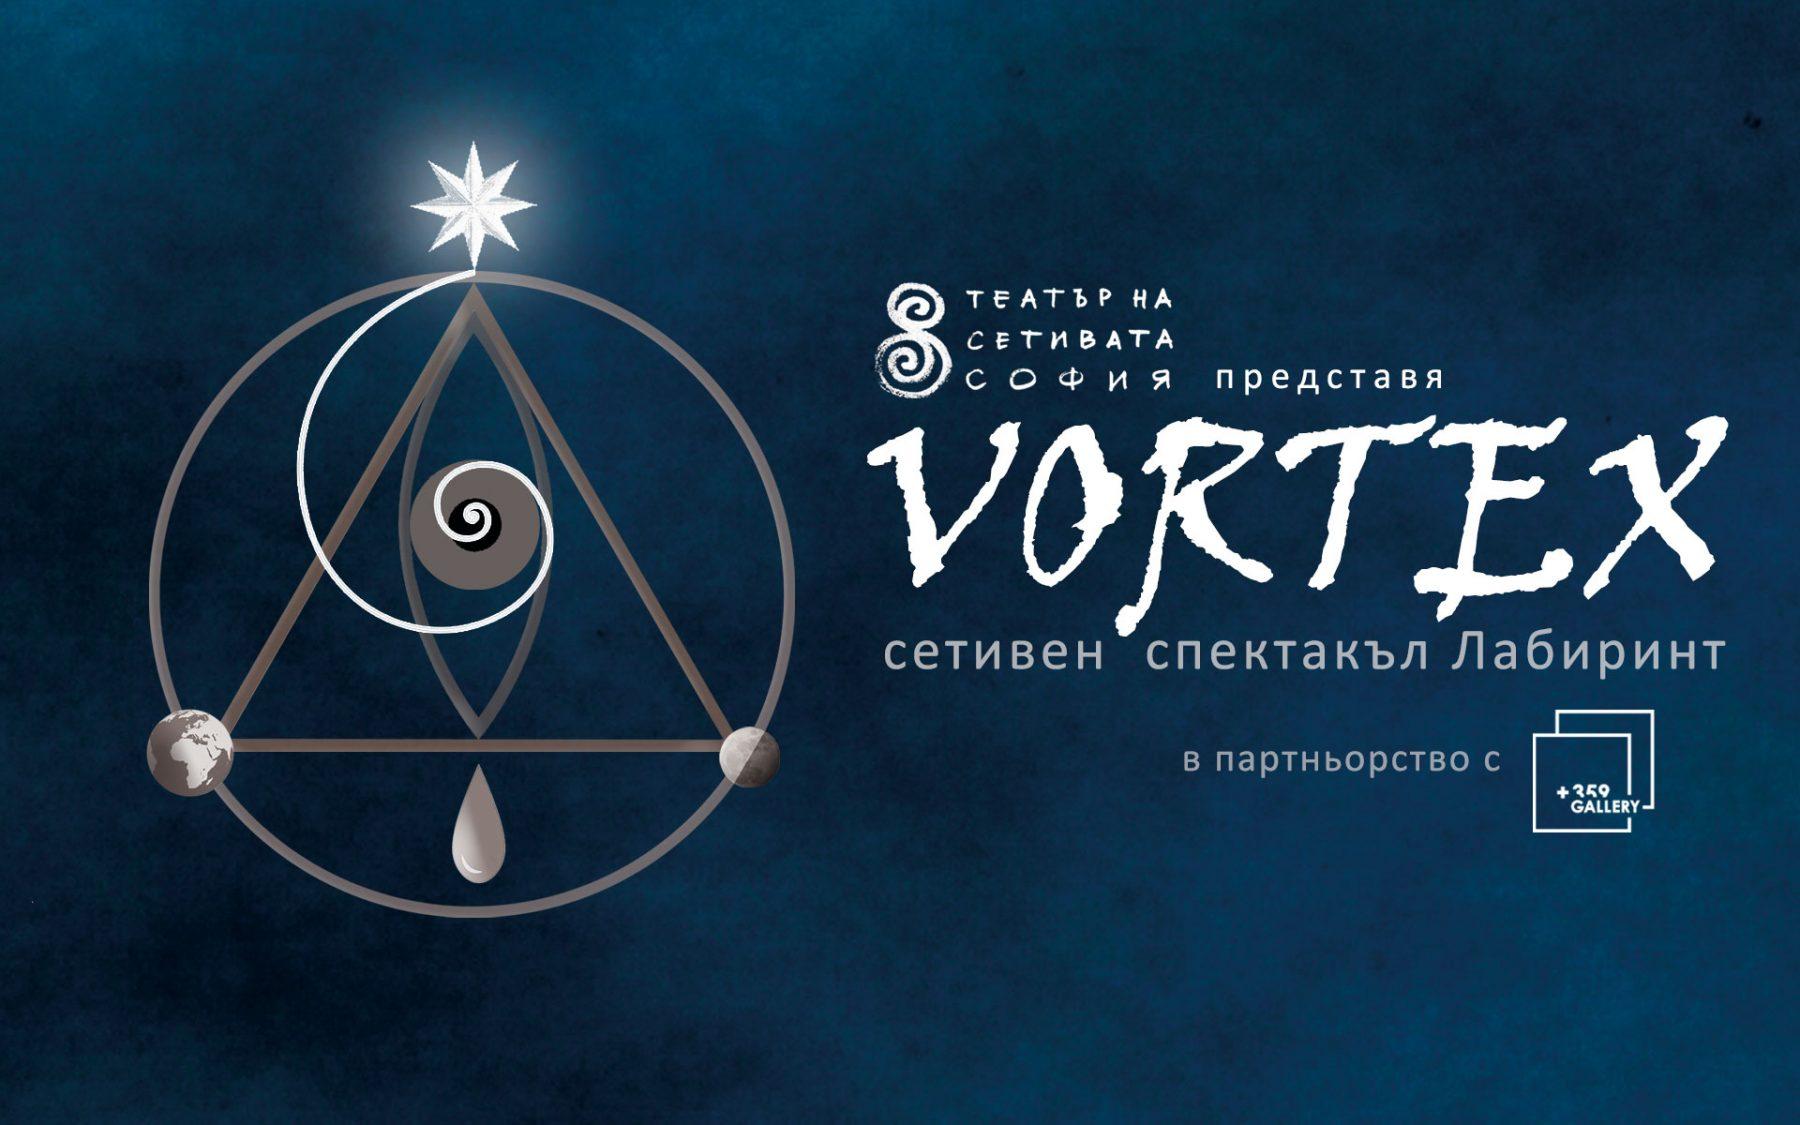 VORTEX-site-2